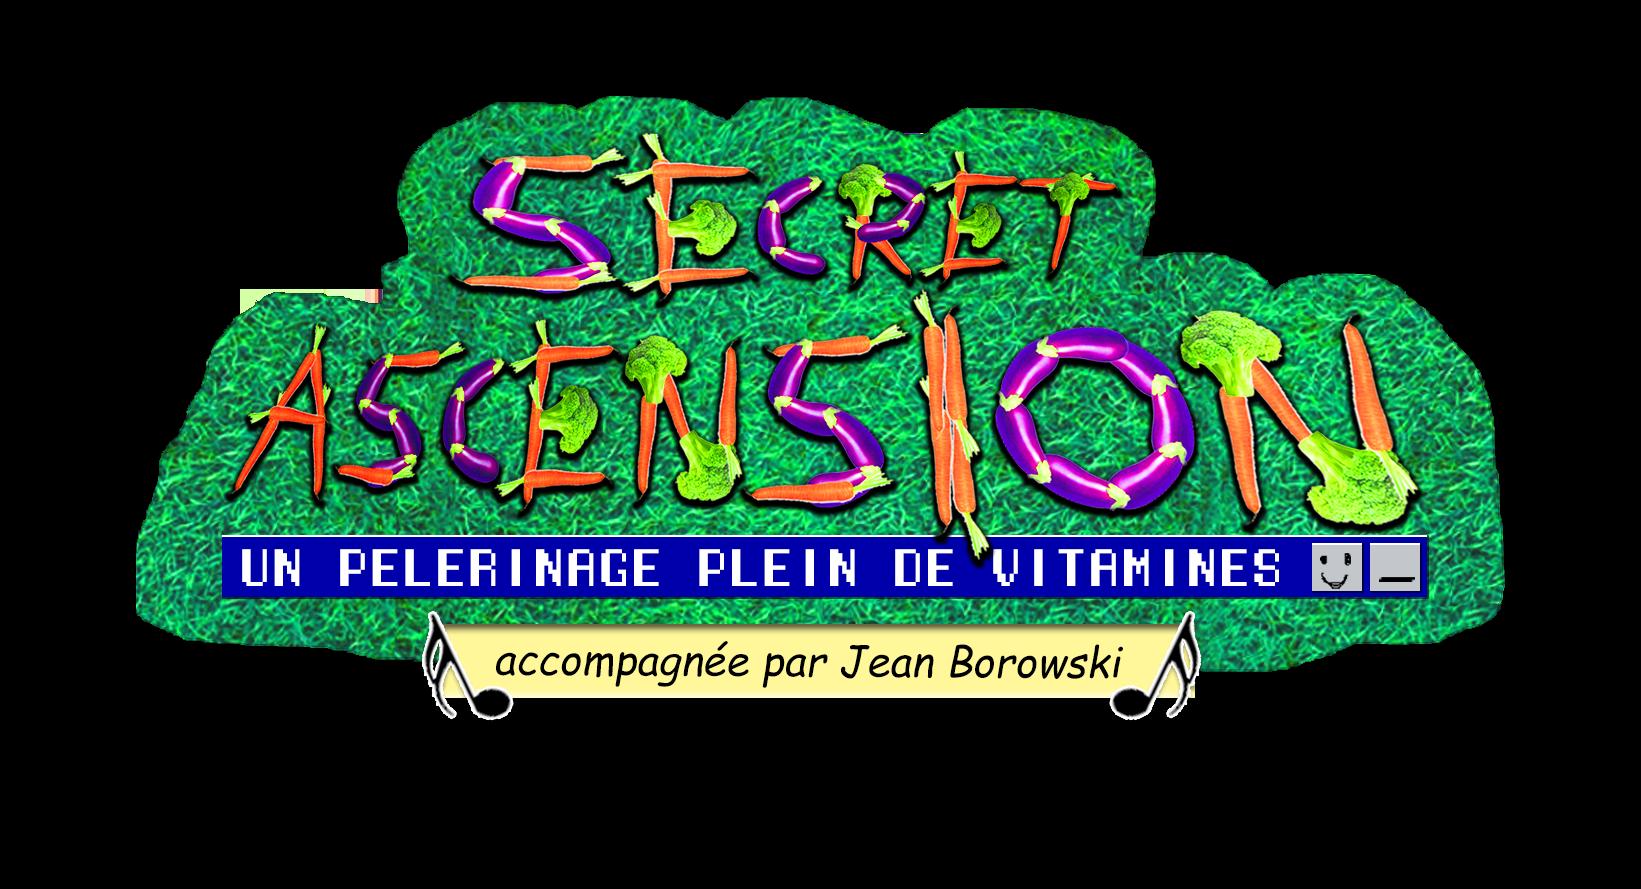 Secret Ascension